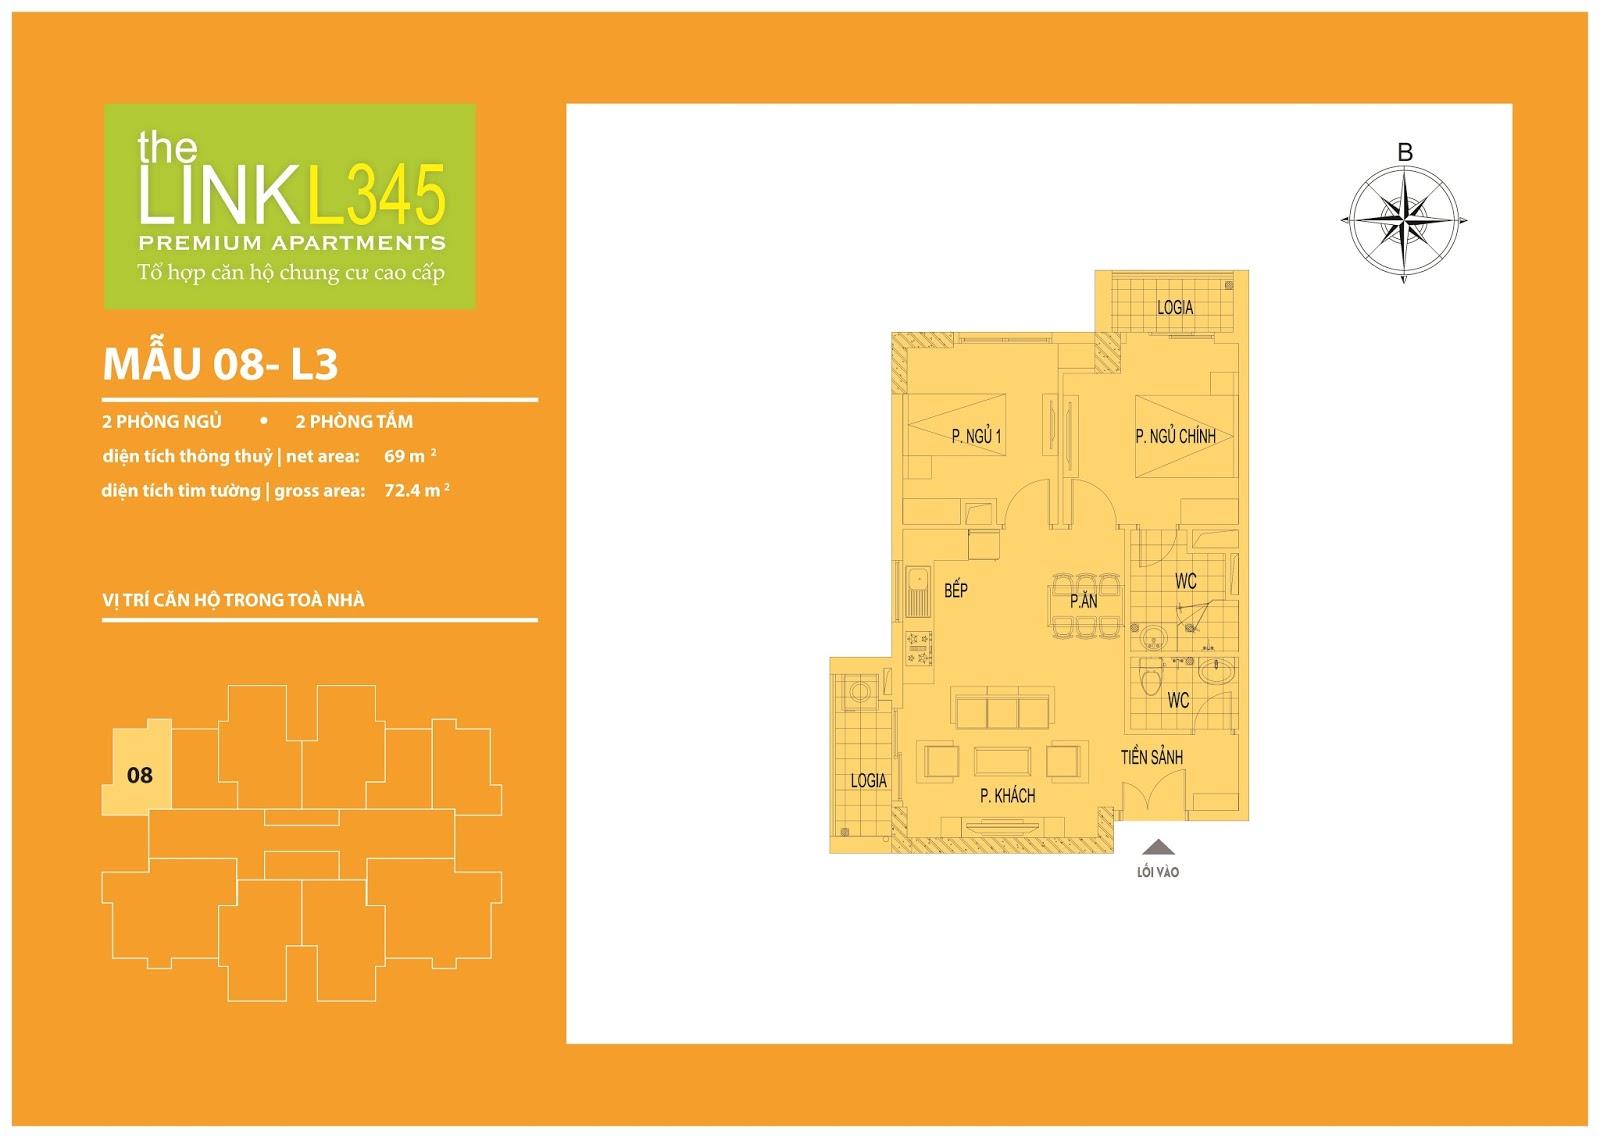 Mặt bằng chi tiết căn hộ 08 - L3 The Link